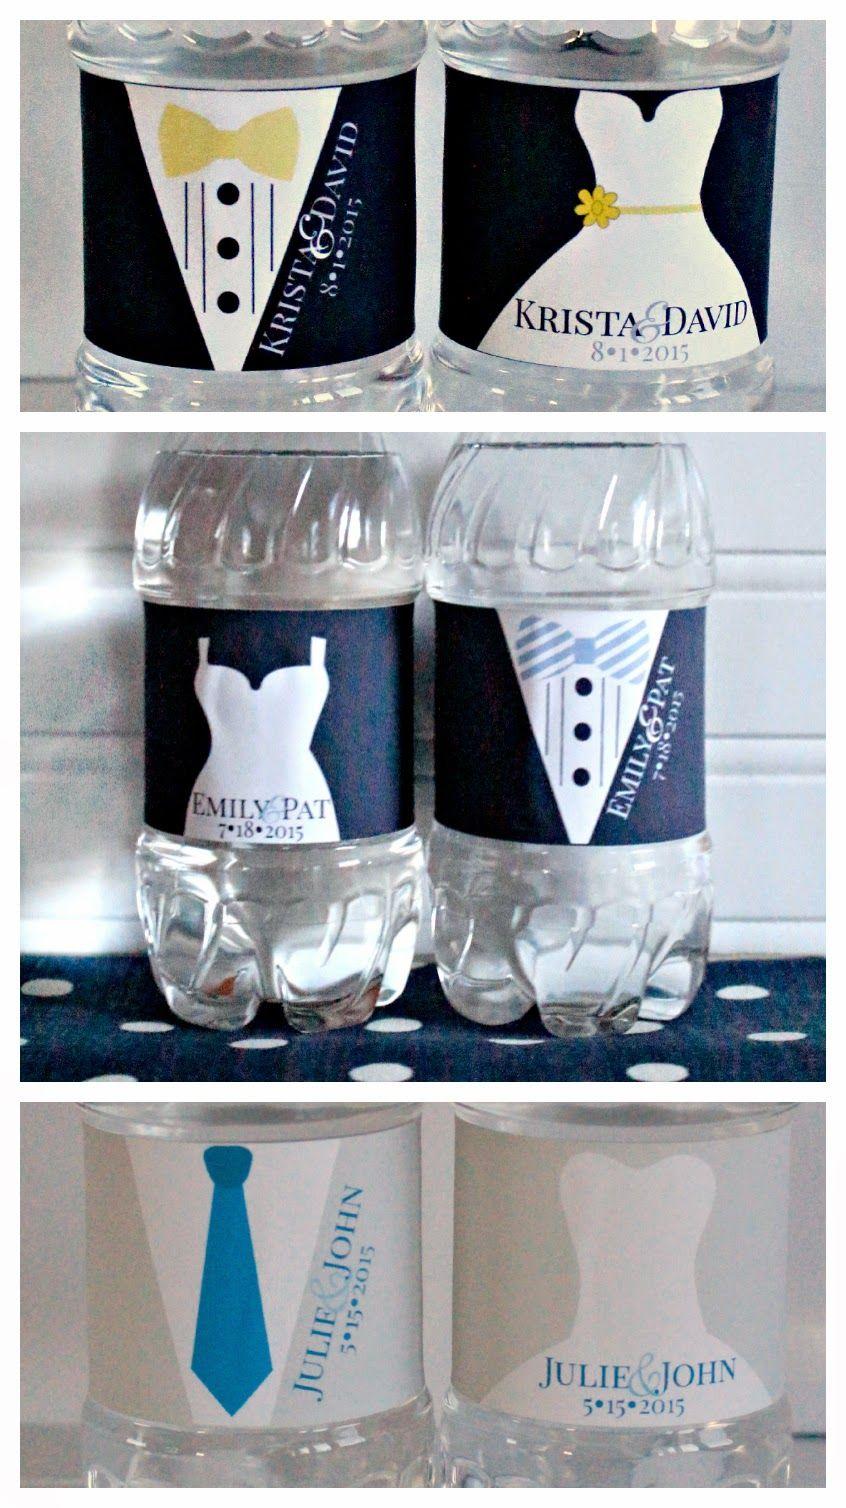 Water+Bottle+Collage.jpg 846×1,508 pixels